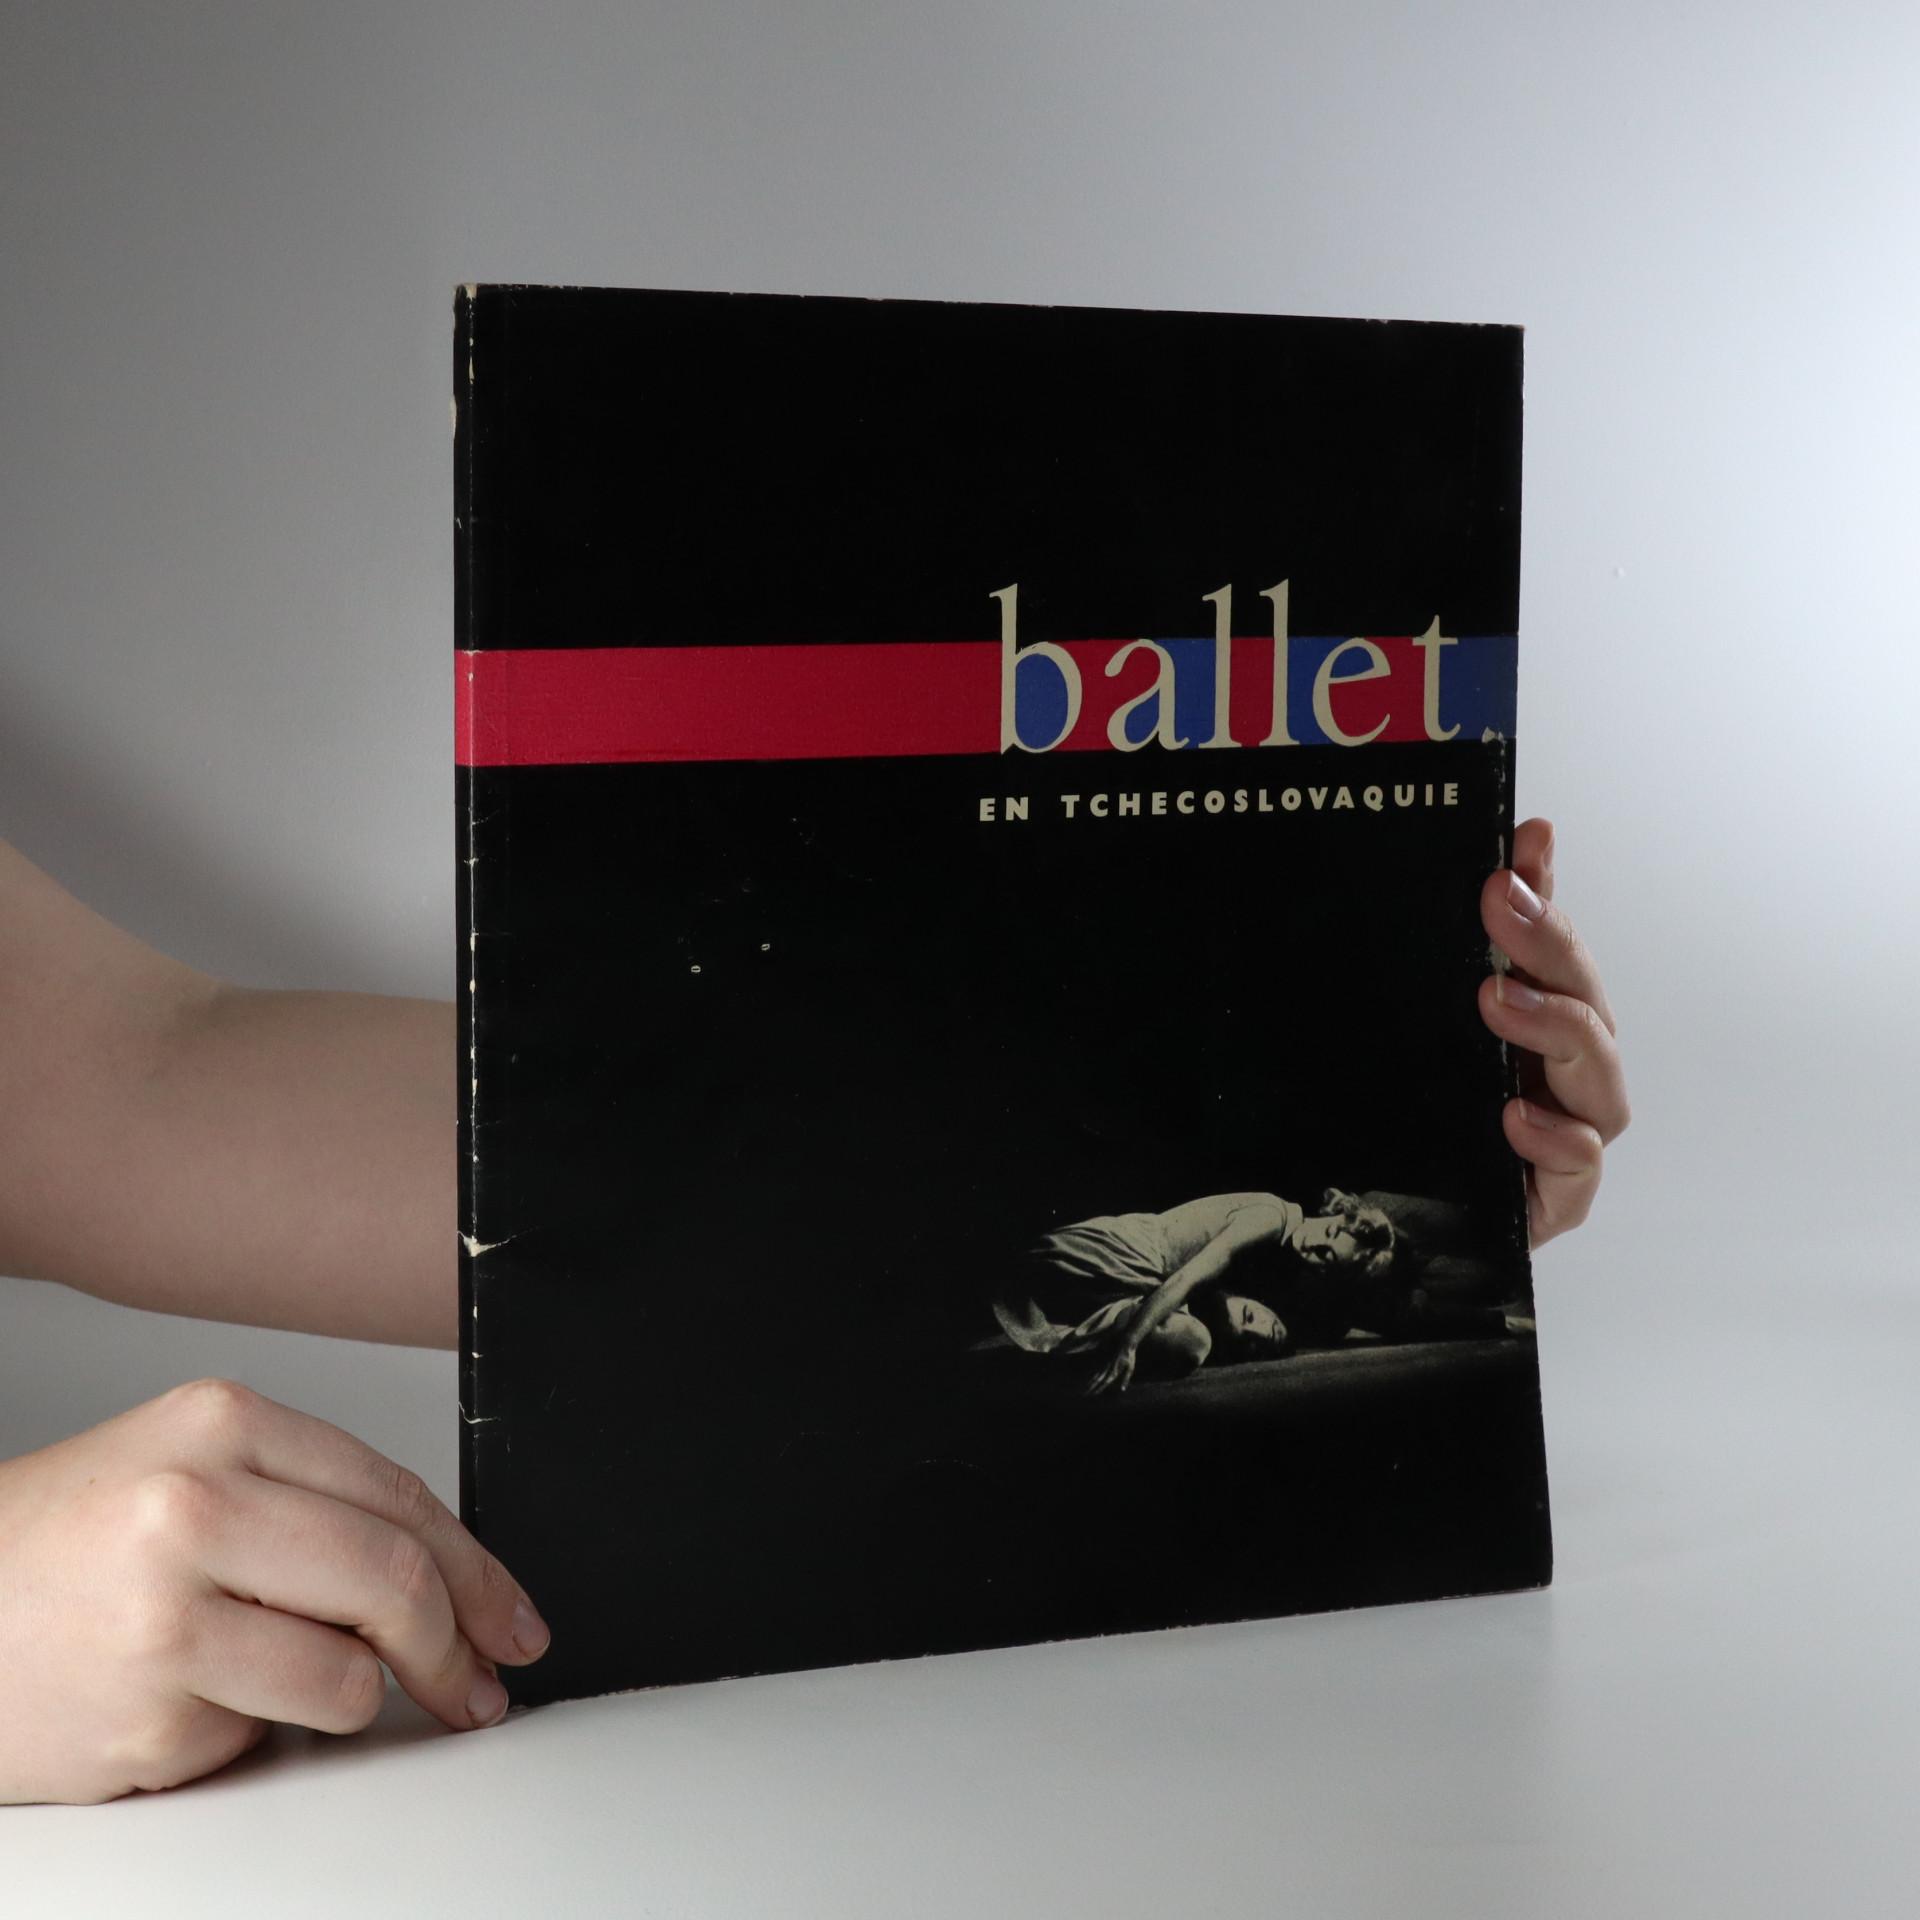 antikvární kniha Ballet en Tchécoslovaquie, 1962